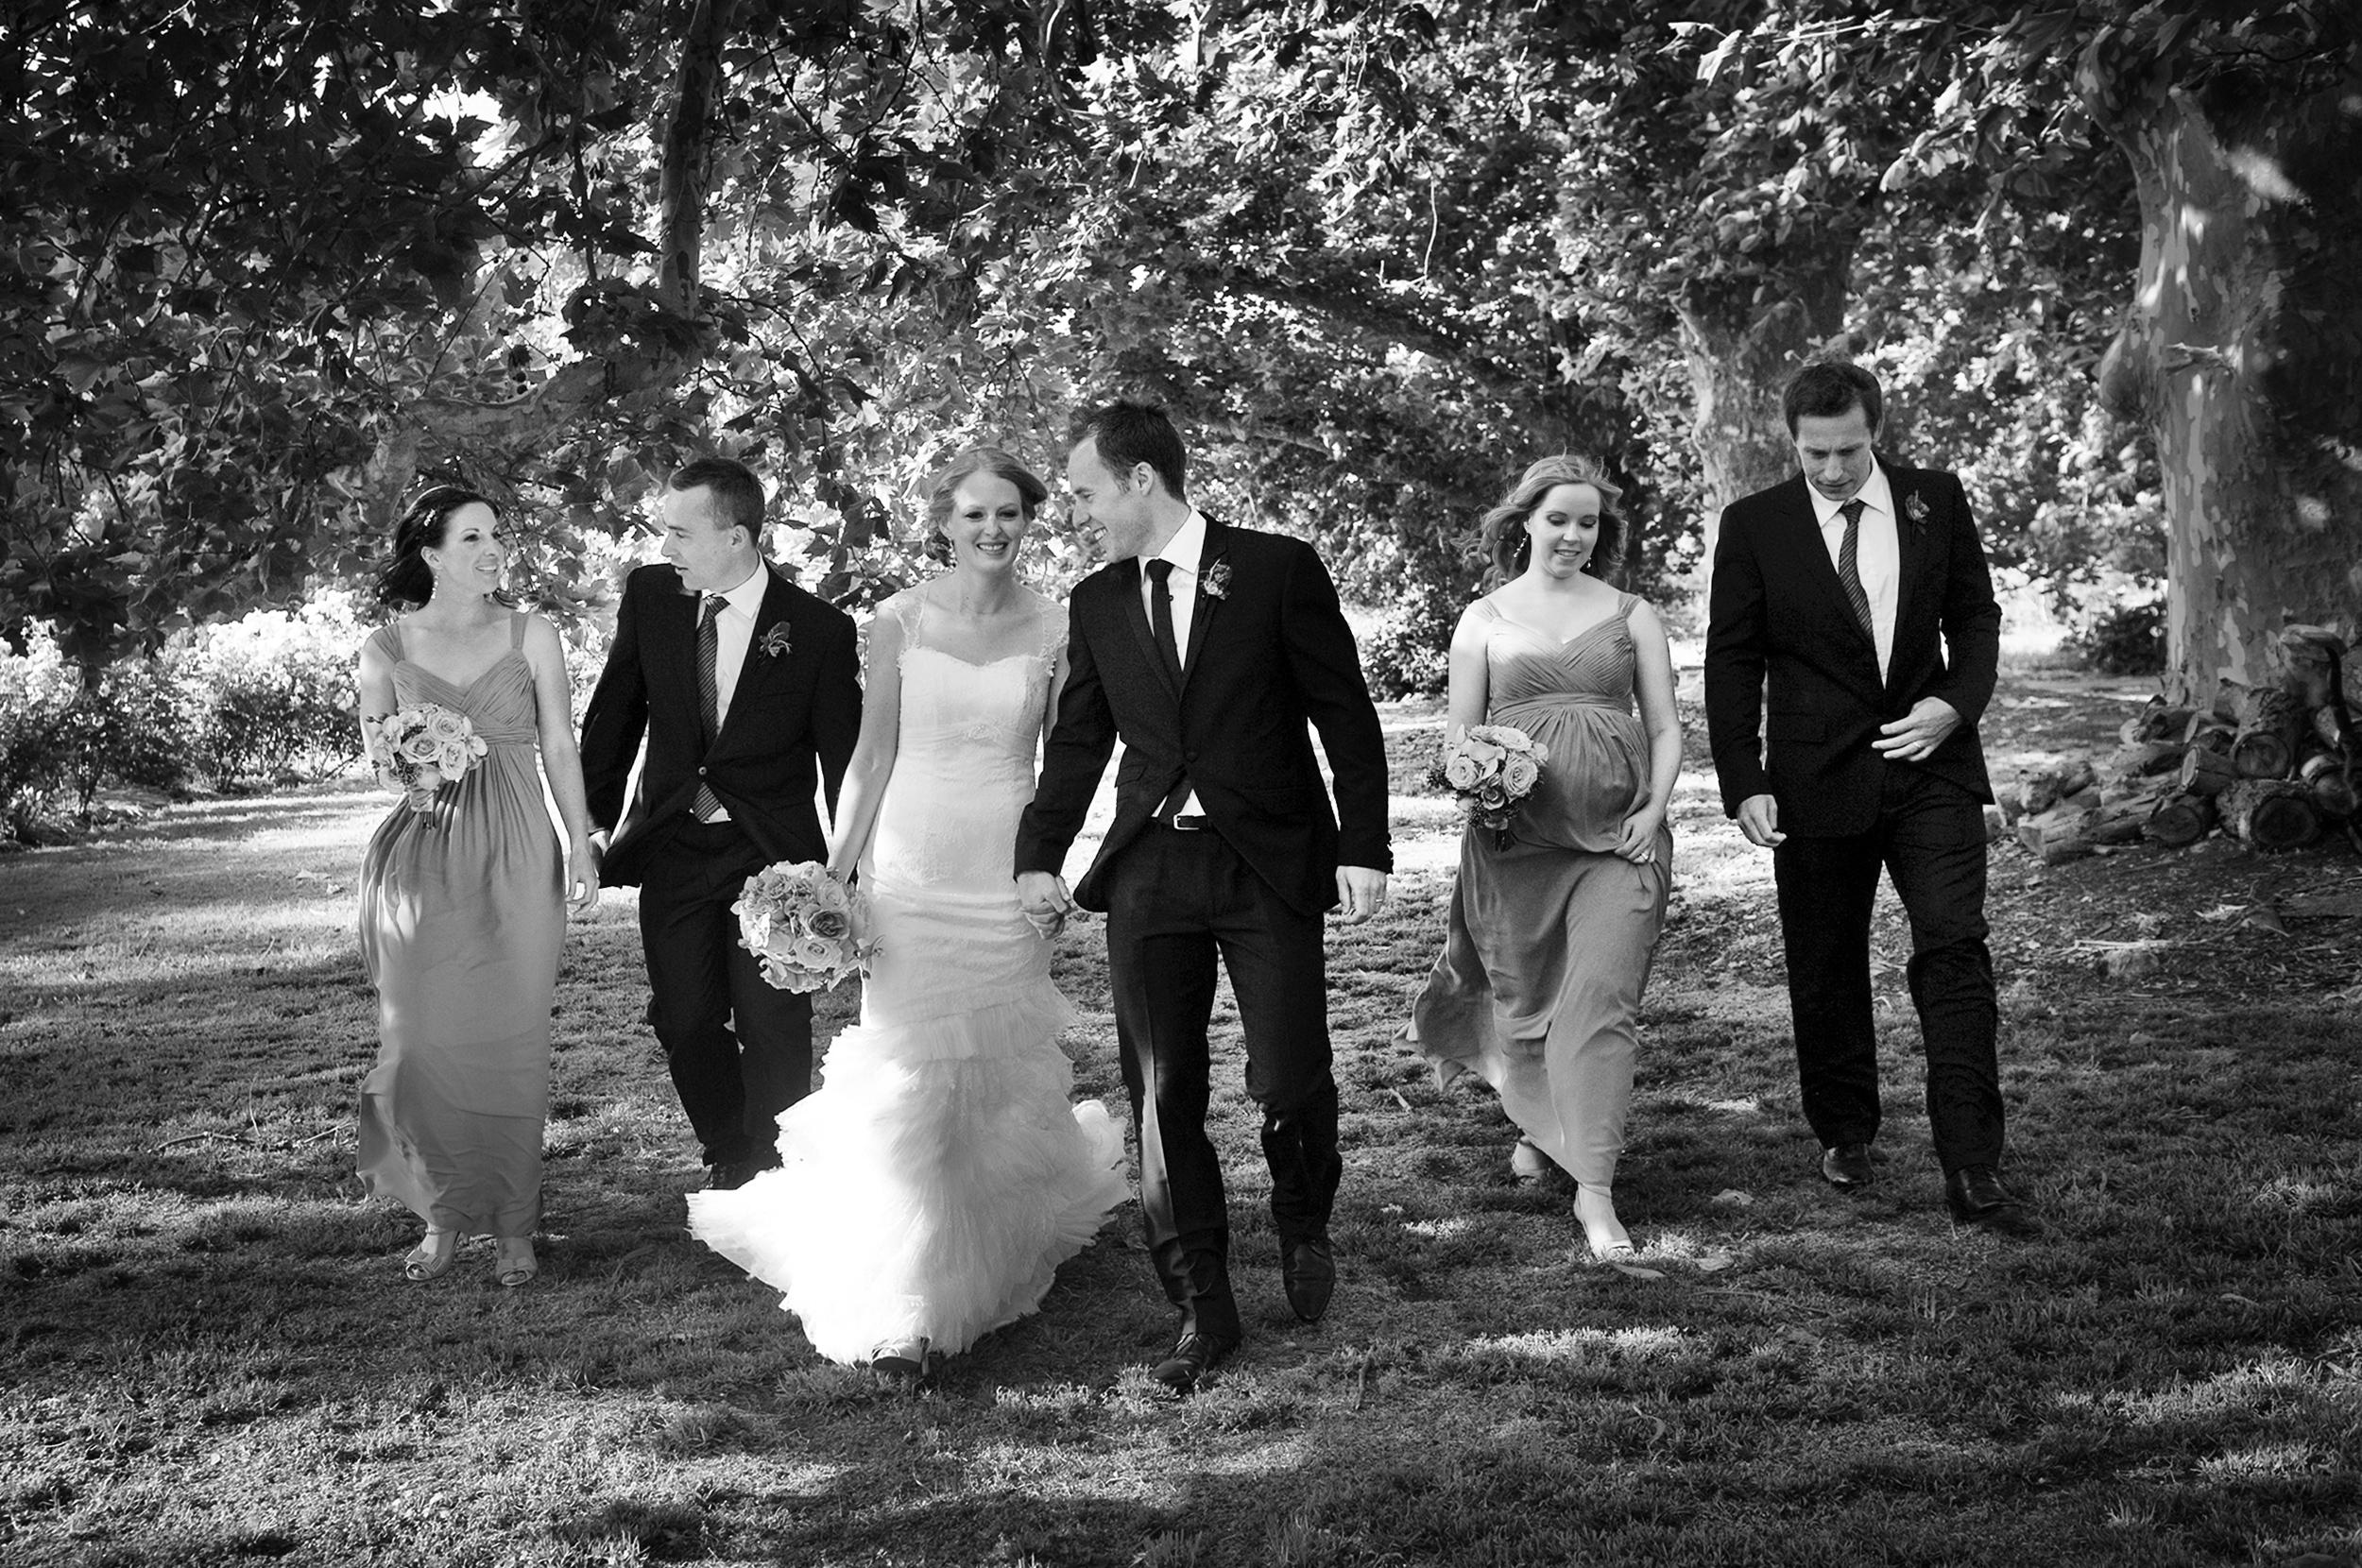 euroa_butter_factory_wedding_photography_75.jpg